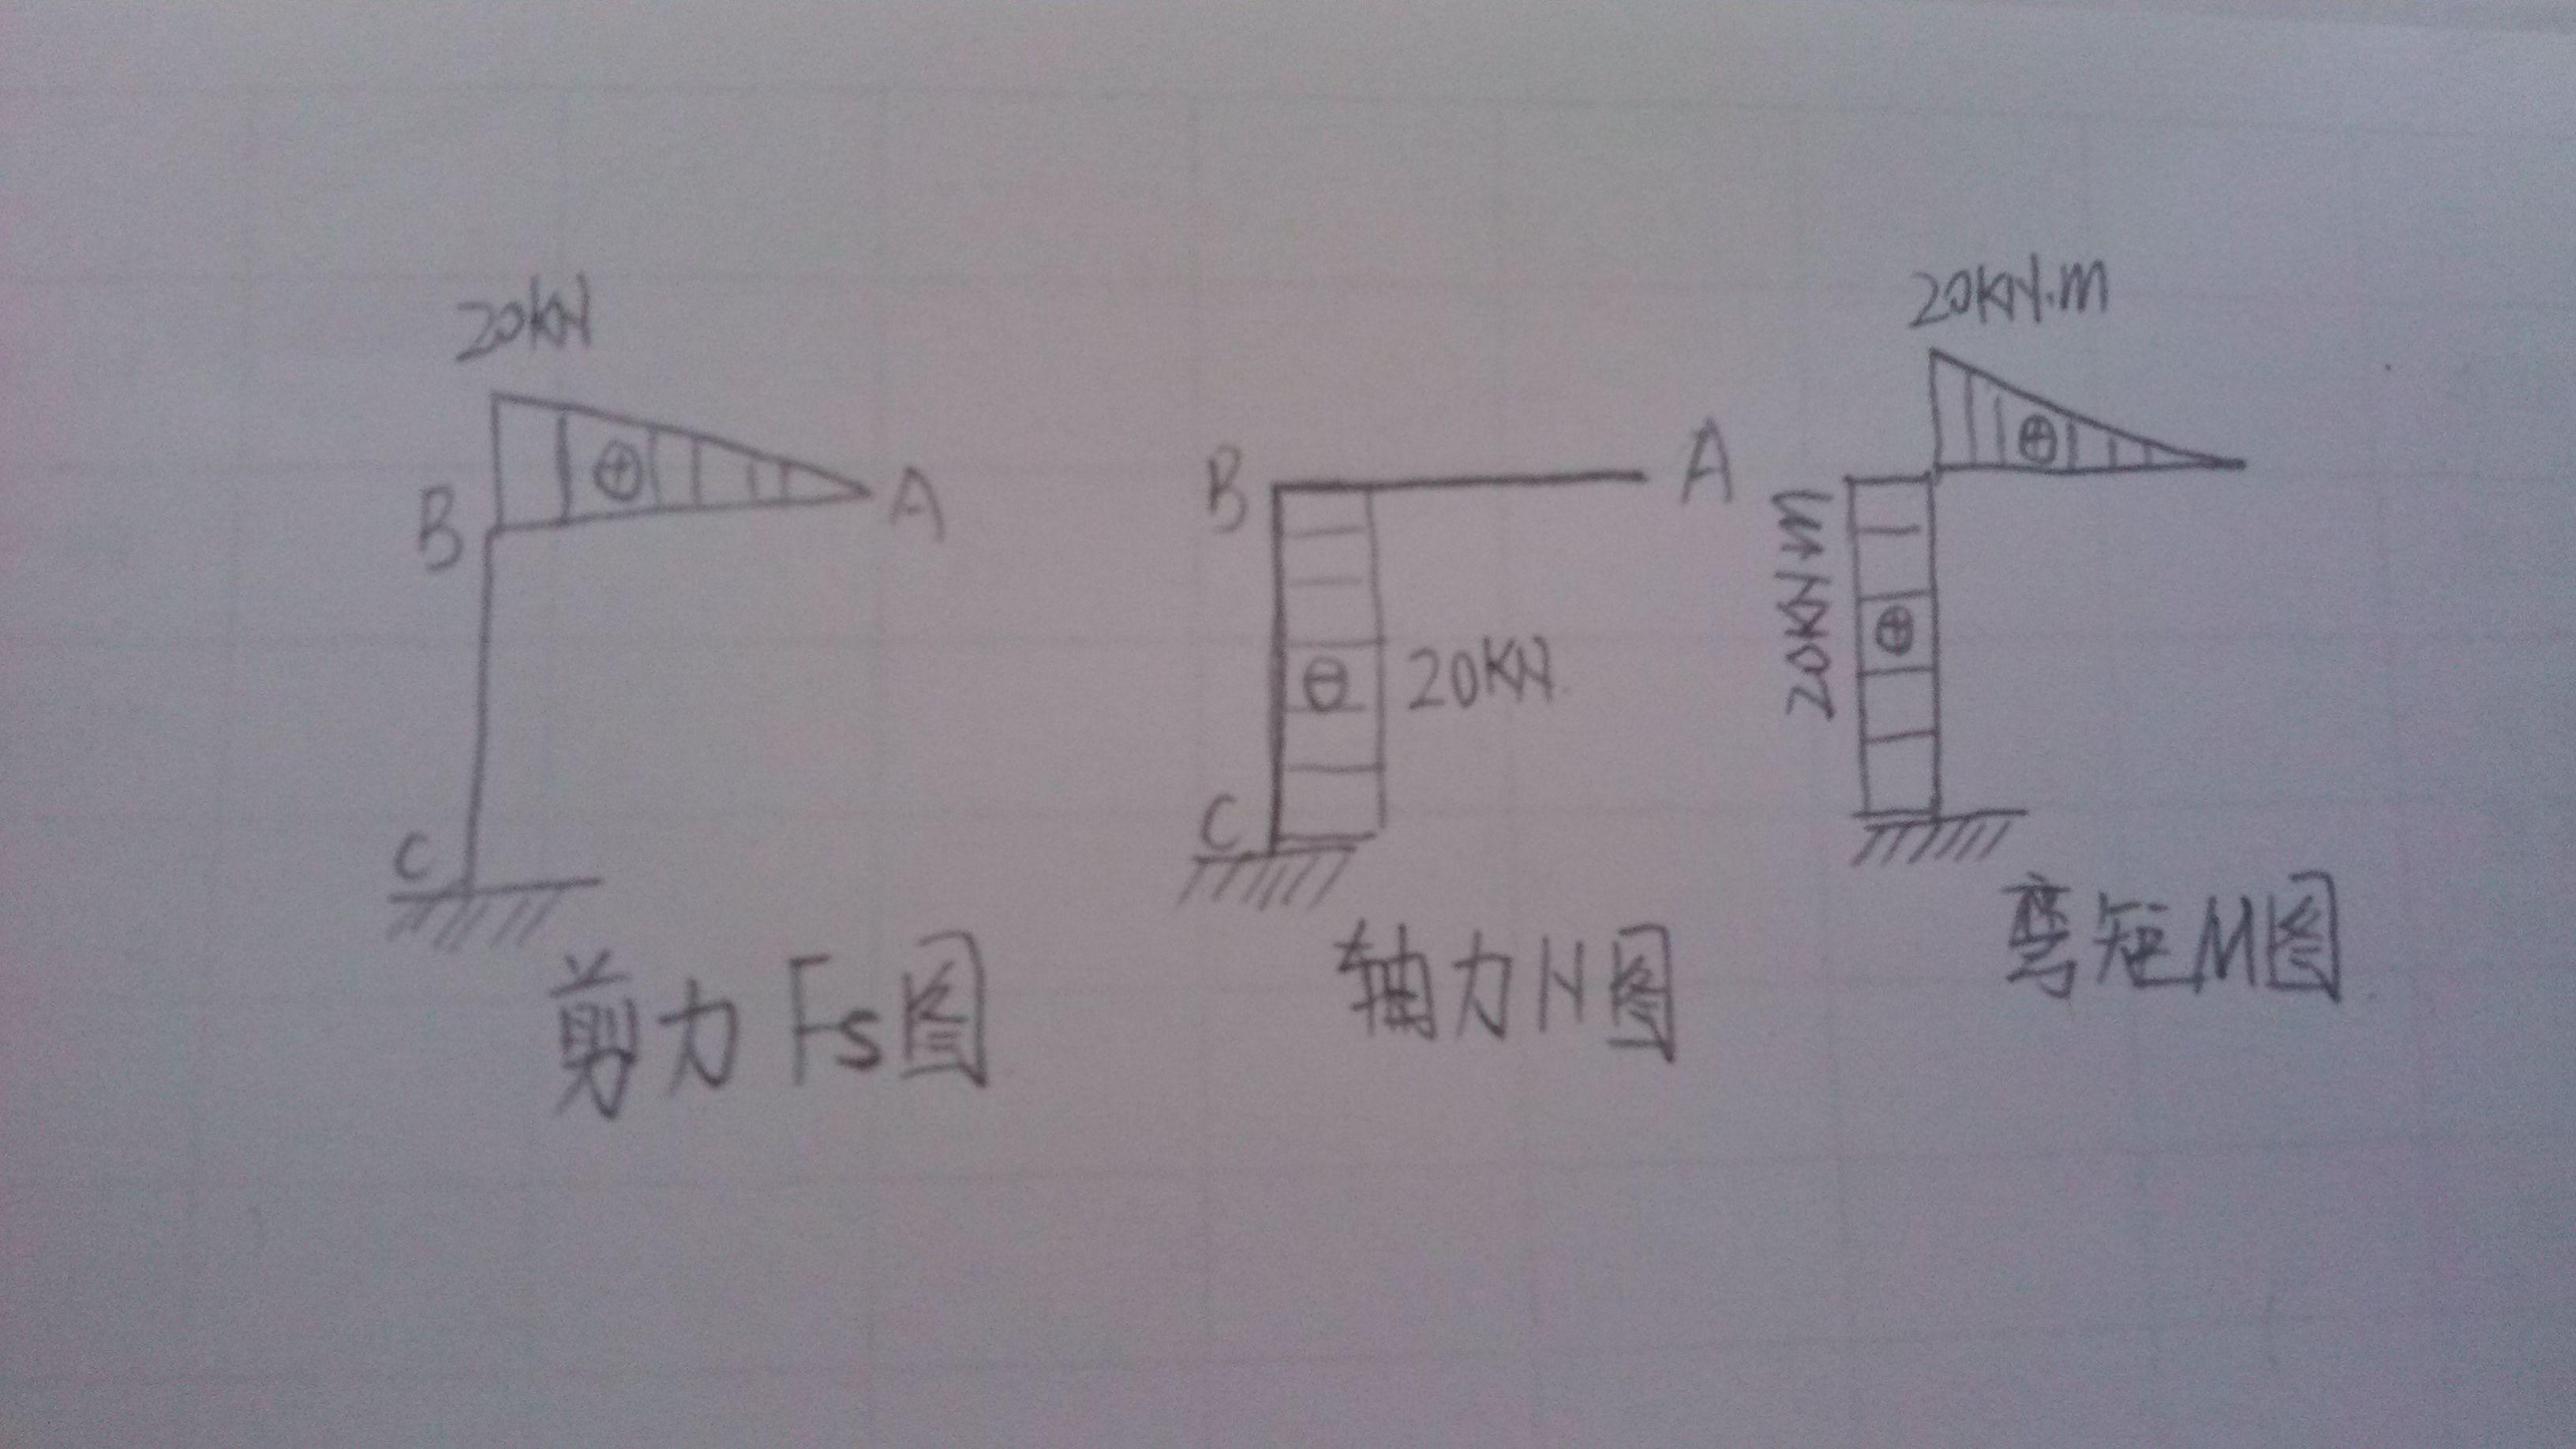 求大神帮忙画出结构图中的,,剪力 轴力 弯距